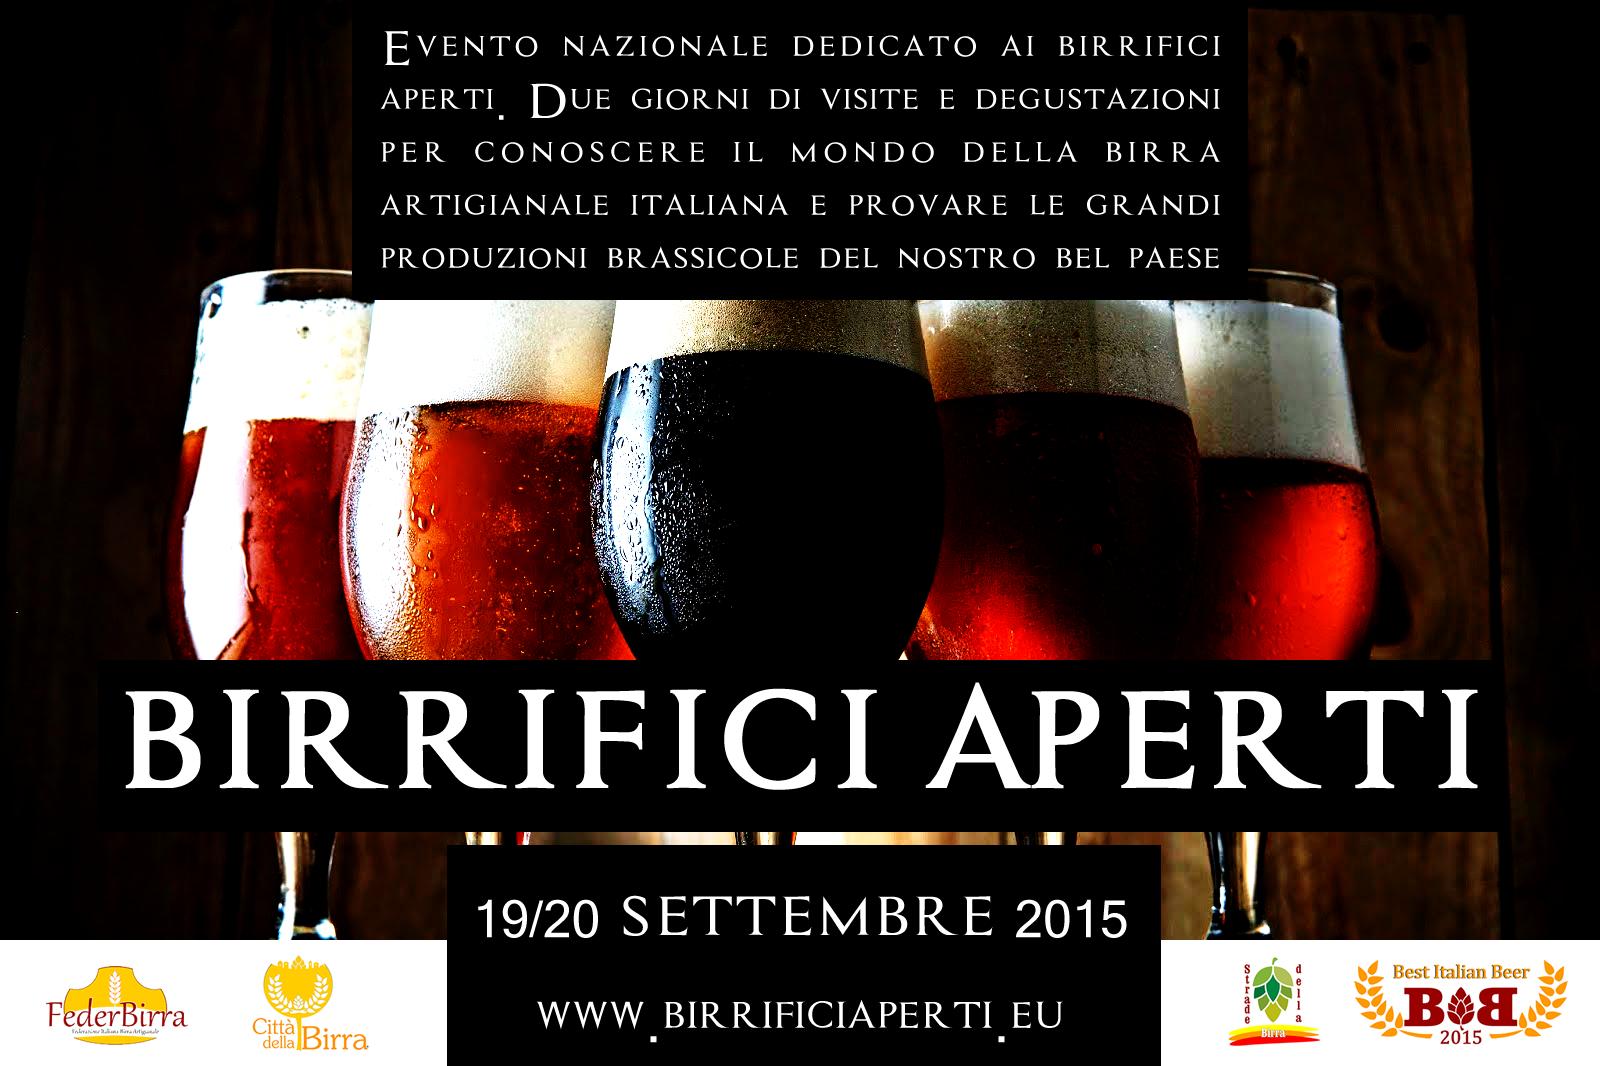 Birrifici Aperti 2015, alla scoperta della Birra Artigianale in Italia. Sabato 19 e Domenica 20 Settembre 2015